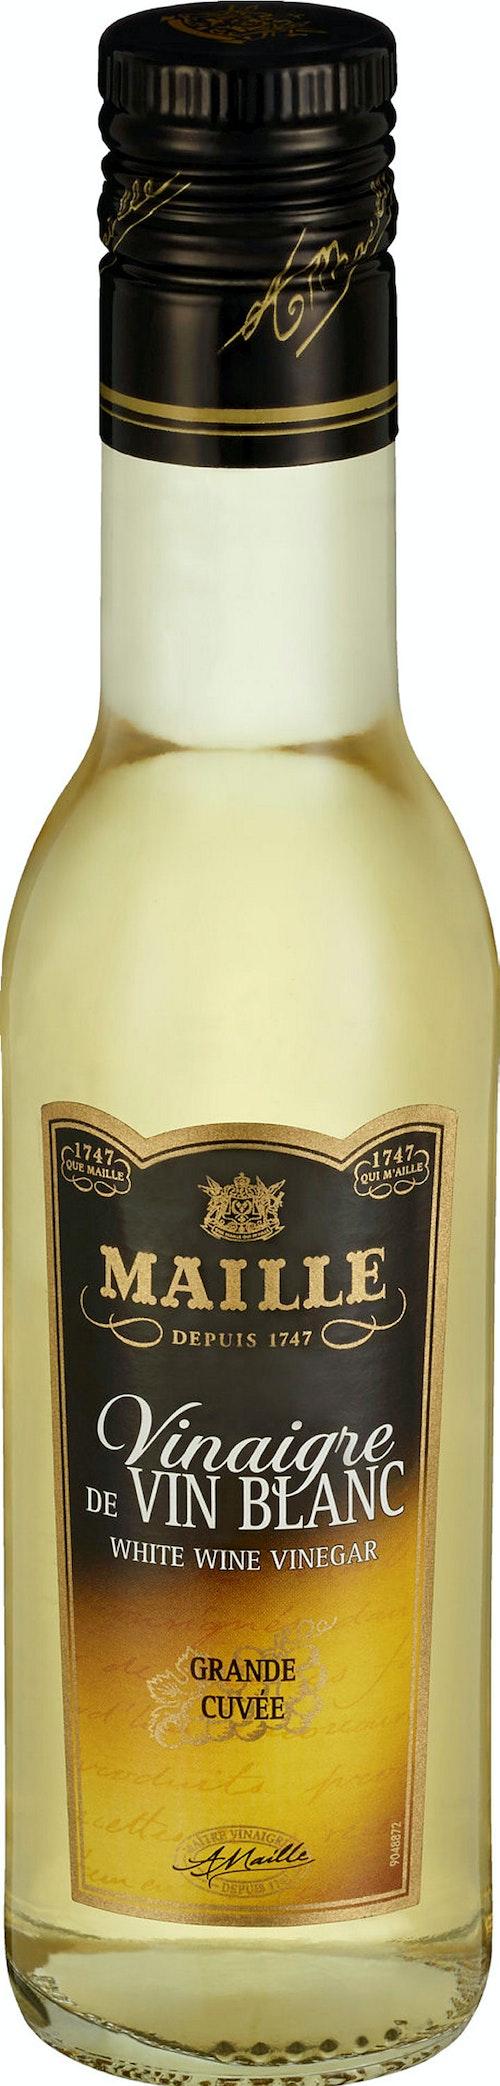 Maille Hvitvinseddik 0,25 l